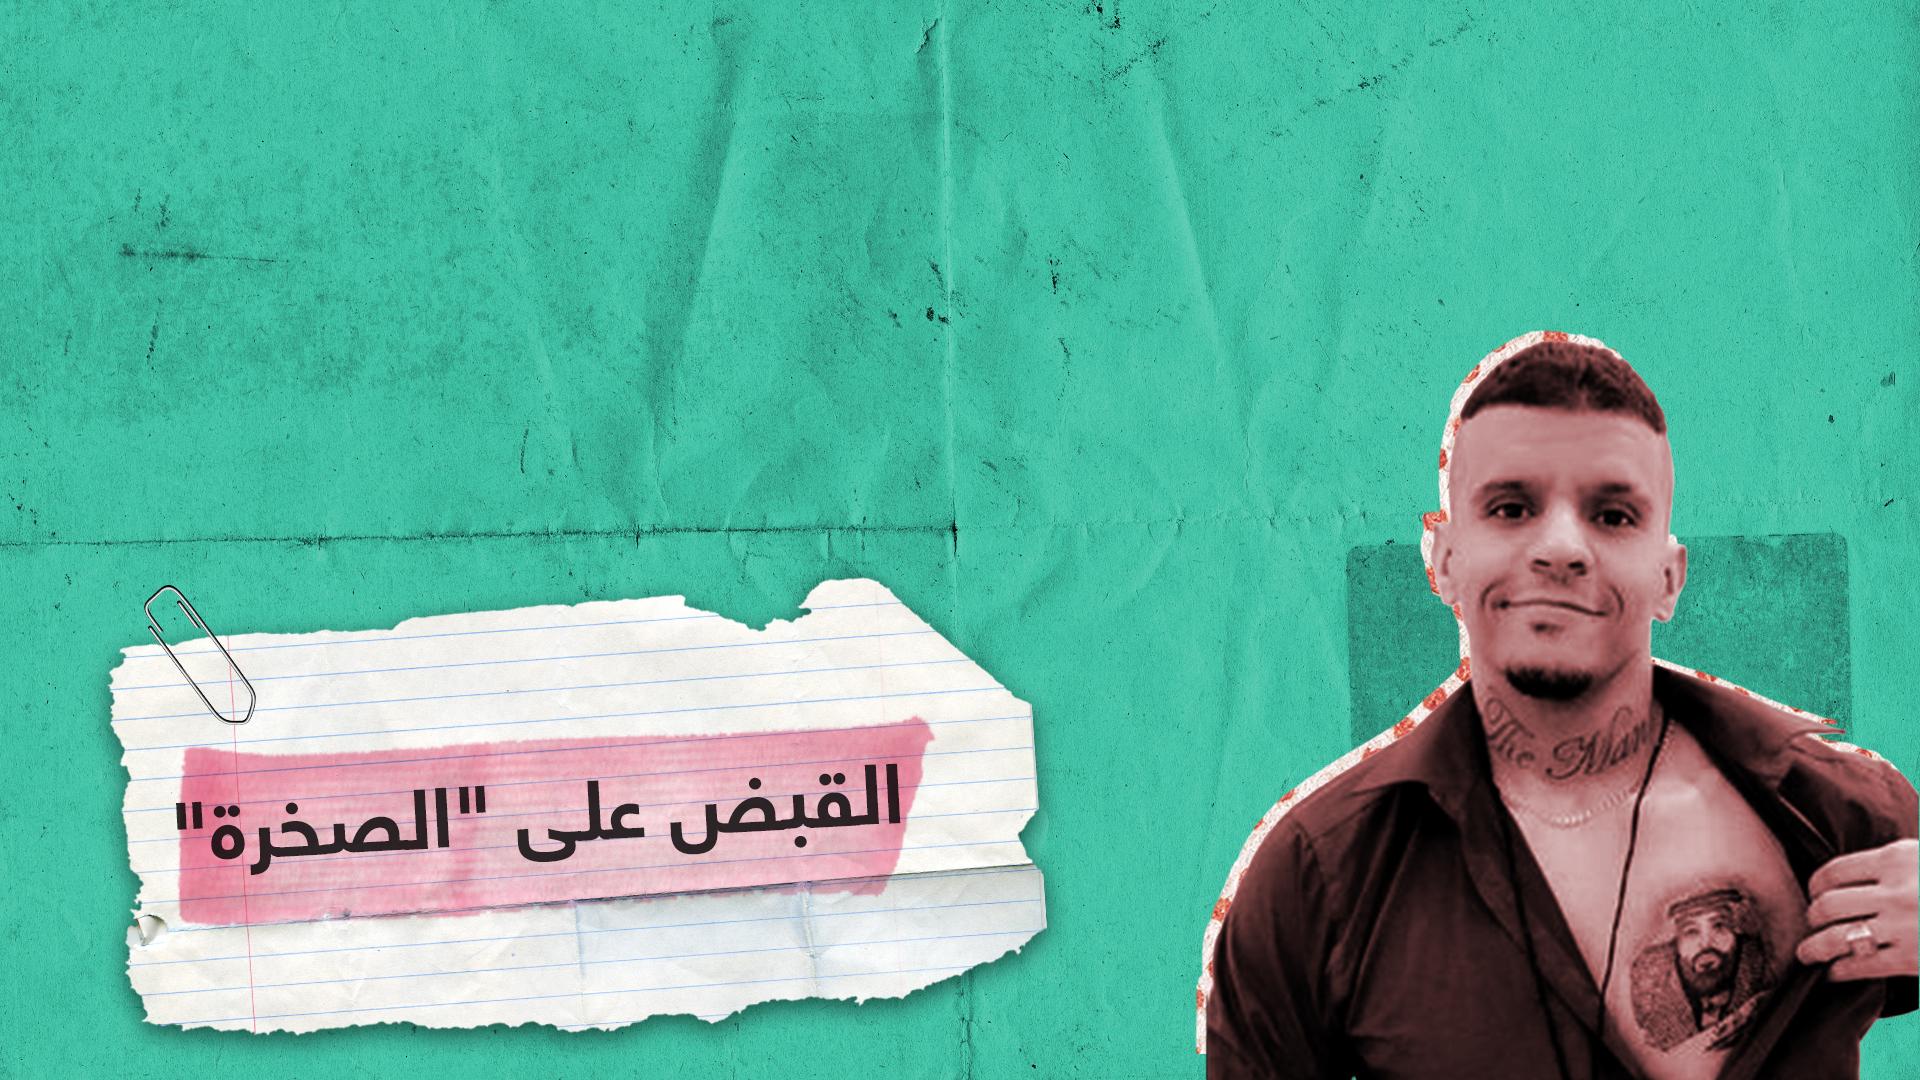 إيقاف نجم على وسائل التواصل الاجتماعي بالسعودية لإساءته للأمن